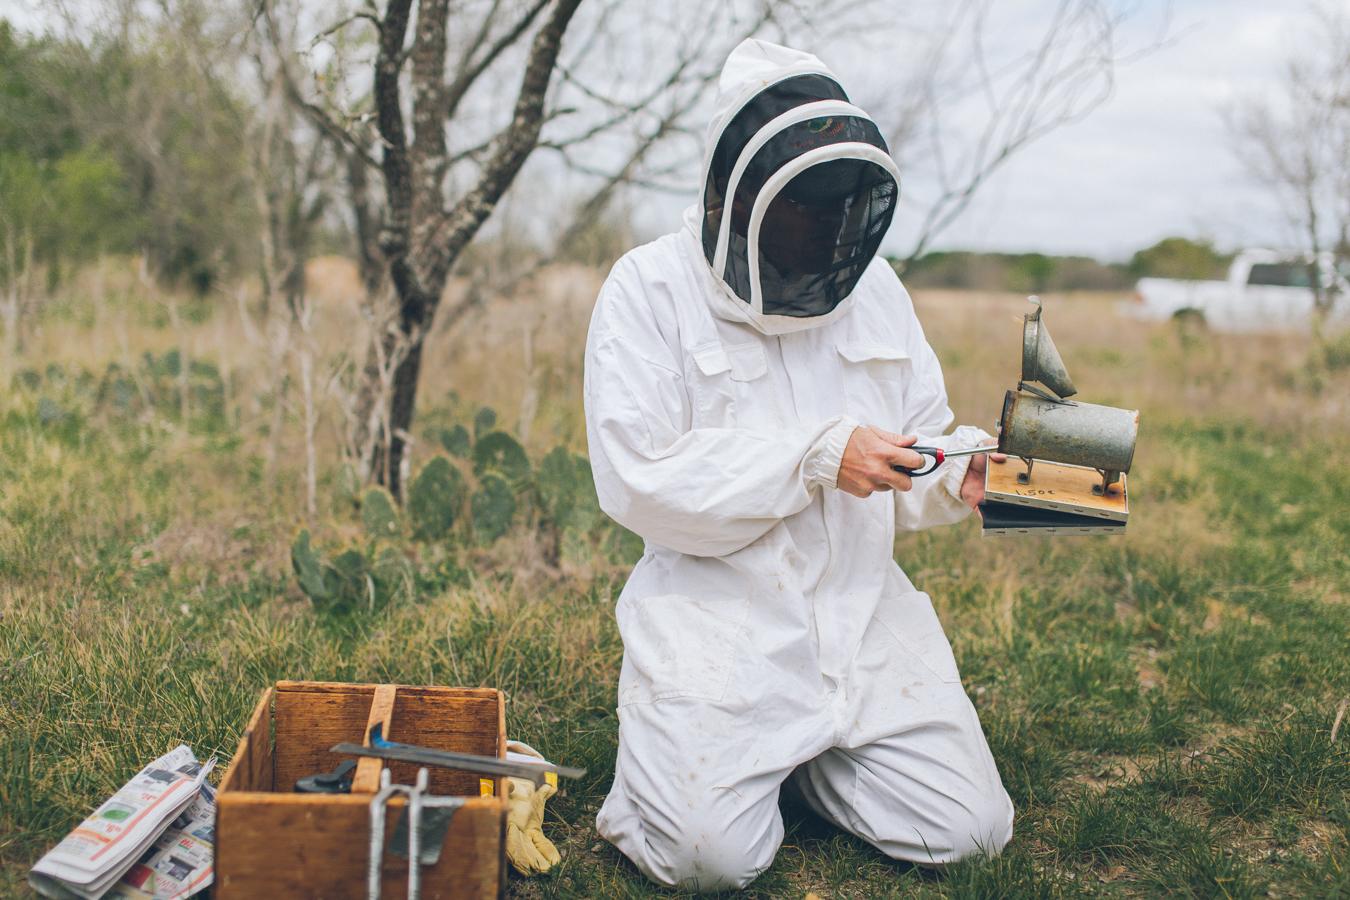 gl-bees-snakes-7435.jpg